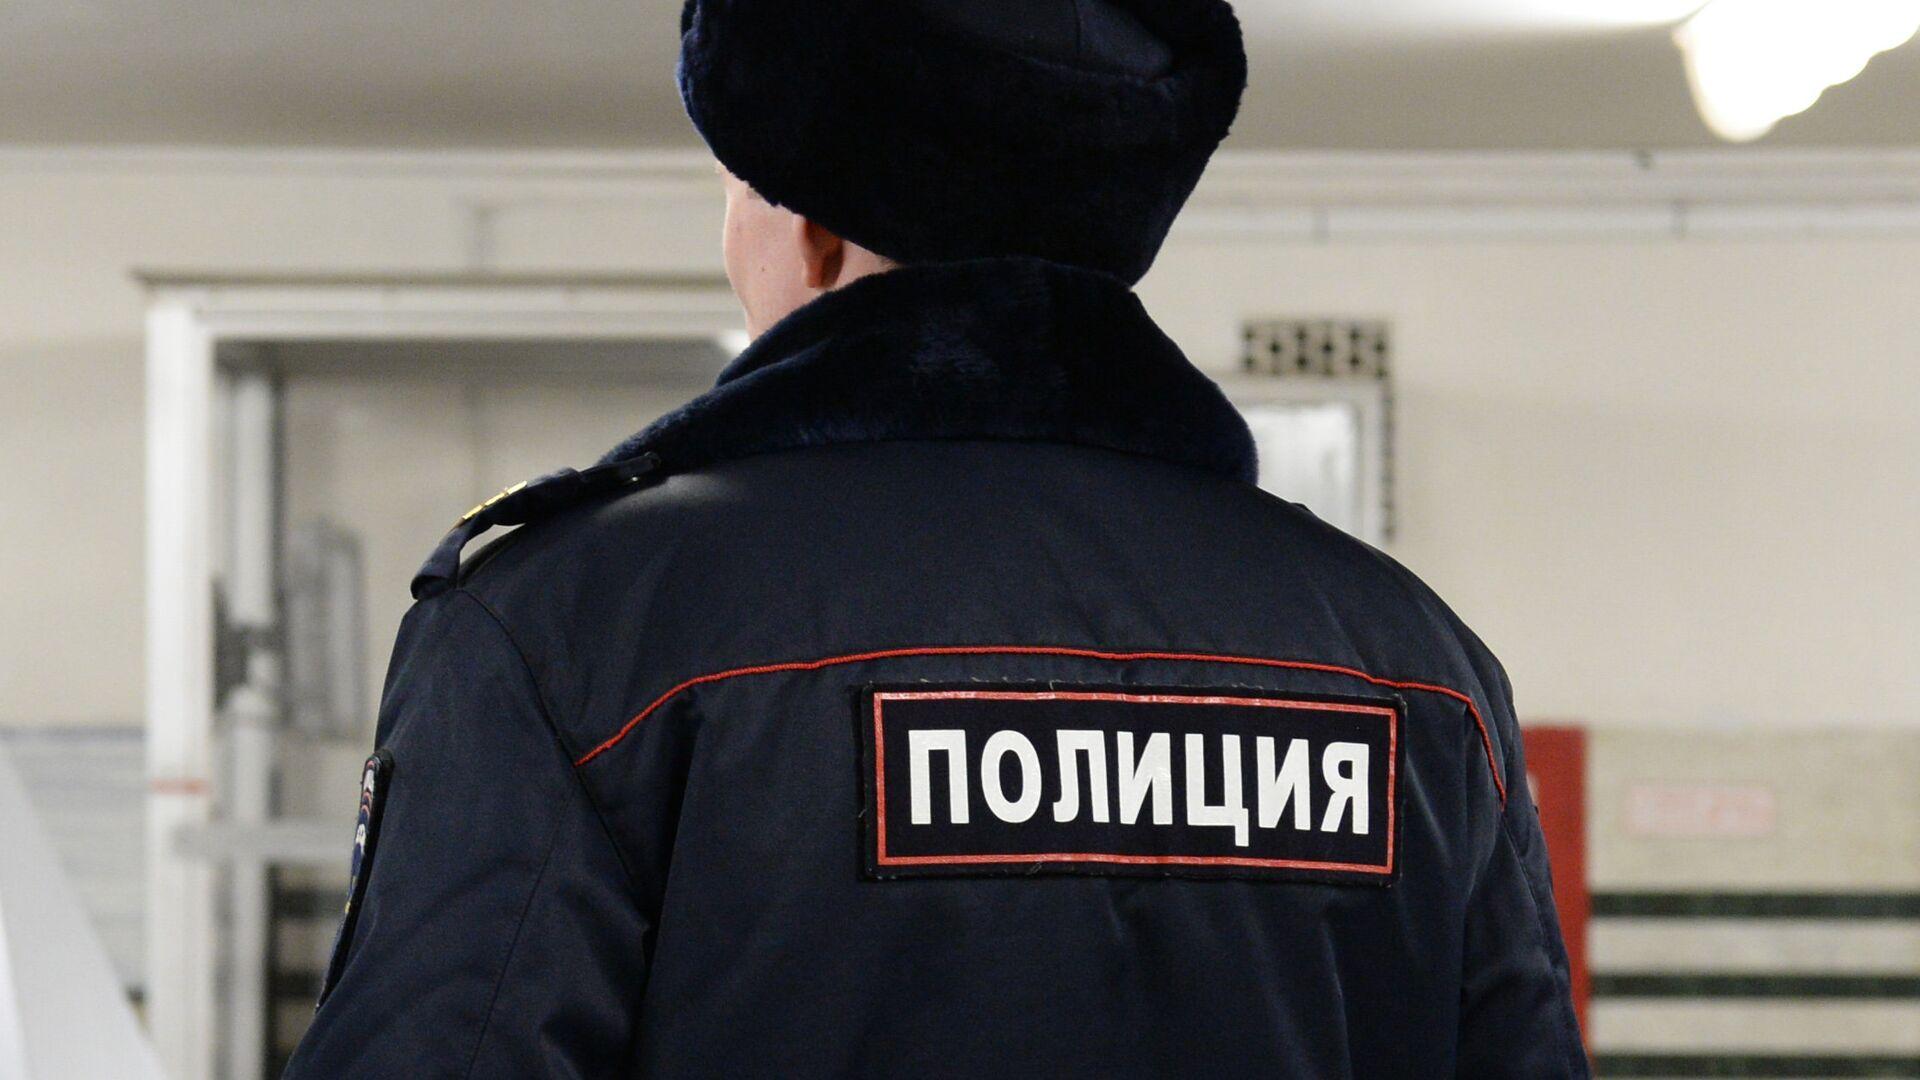 В Москве мужчина бросил в людей светошумовую гранату, сообщил источник